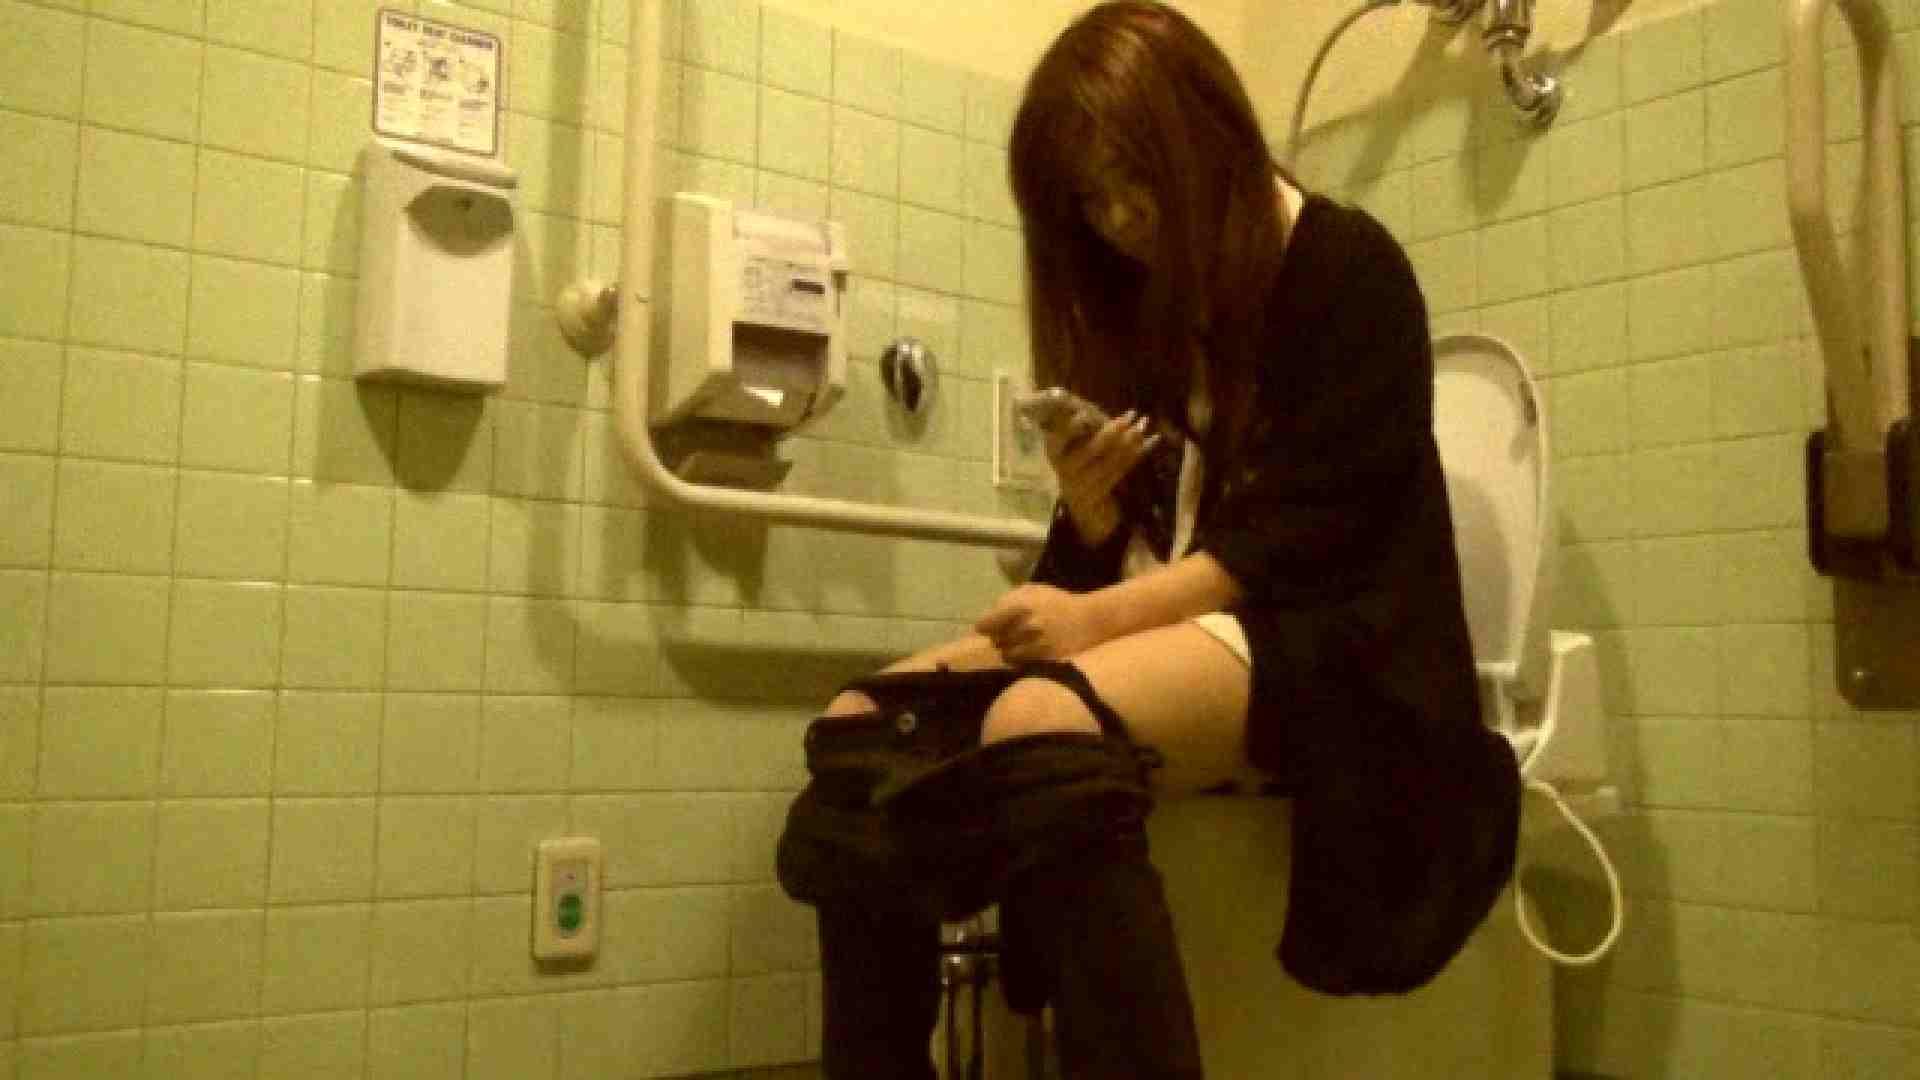 魔術師の お・も・て・な・し vol.26 19歳のバーの店員さんの洗面所をしばし… 美しいOLの裸体  73pic 60